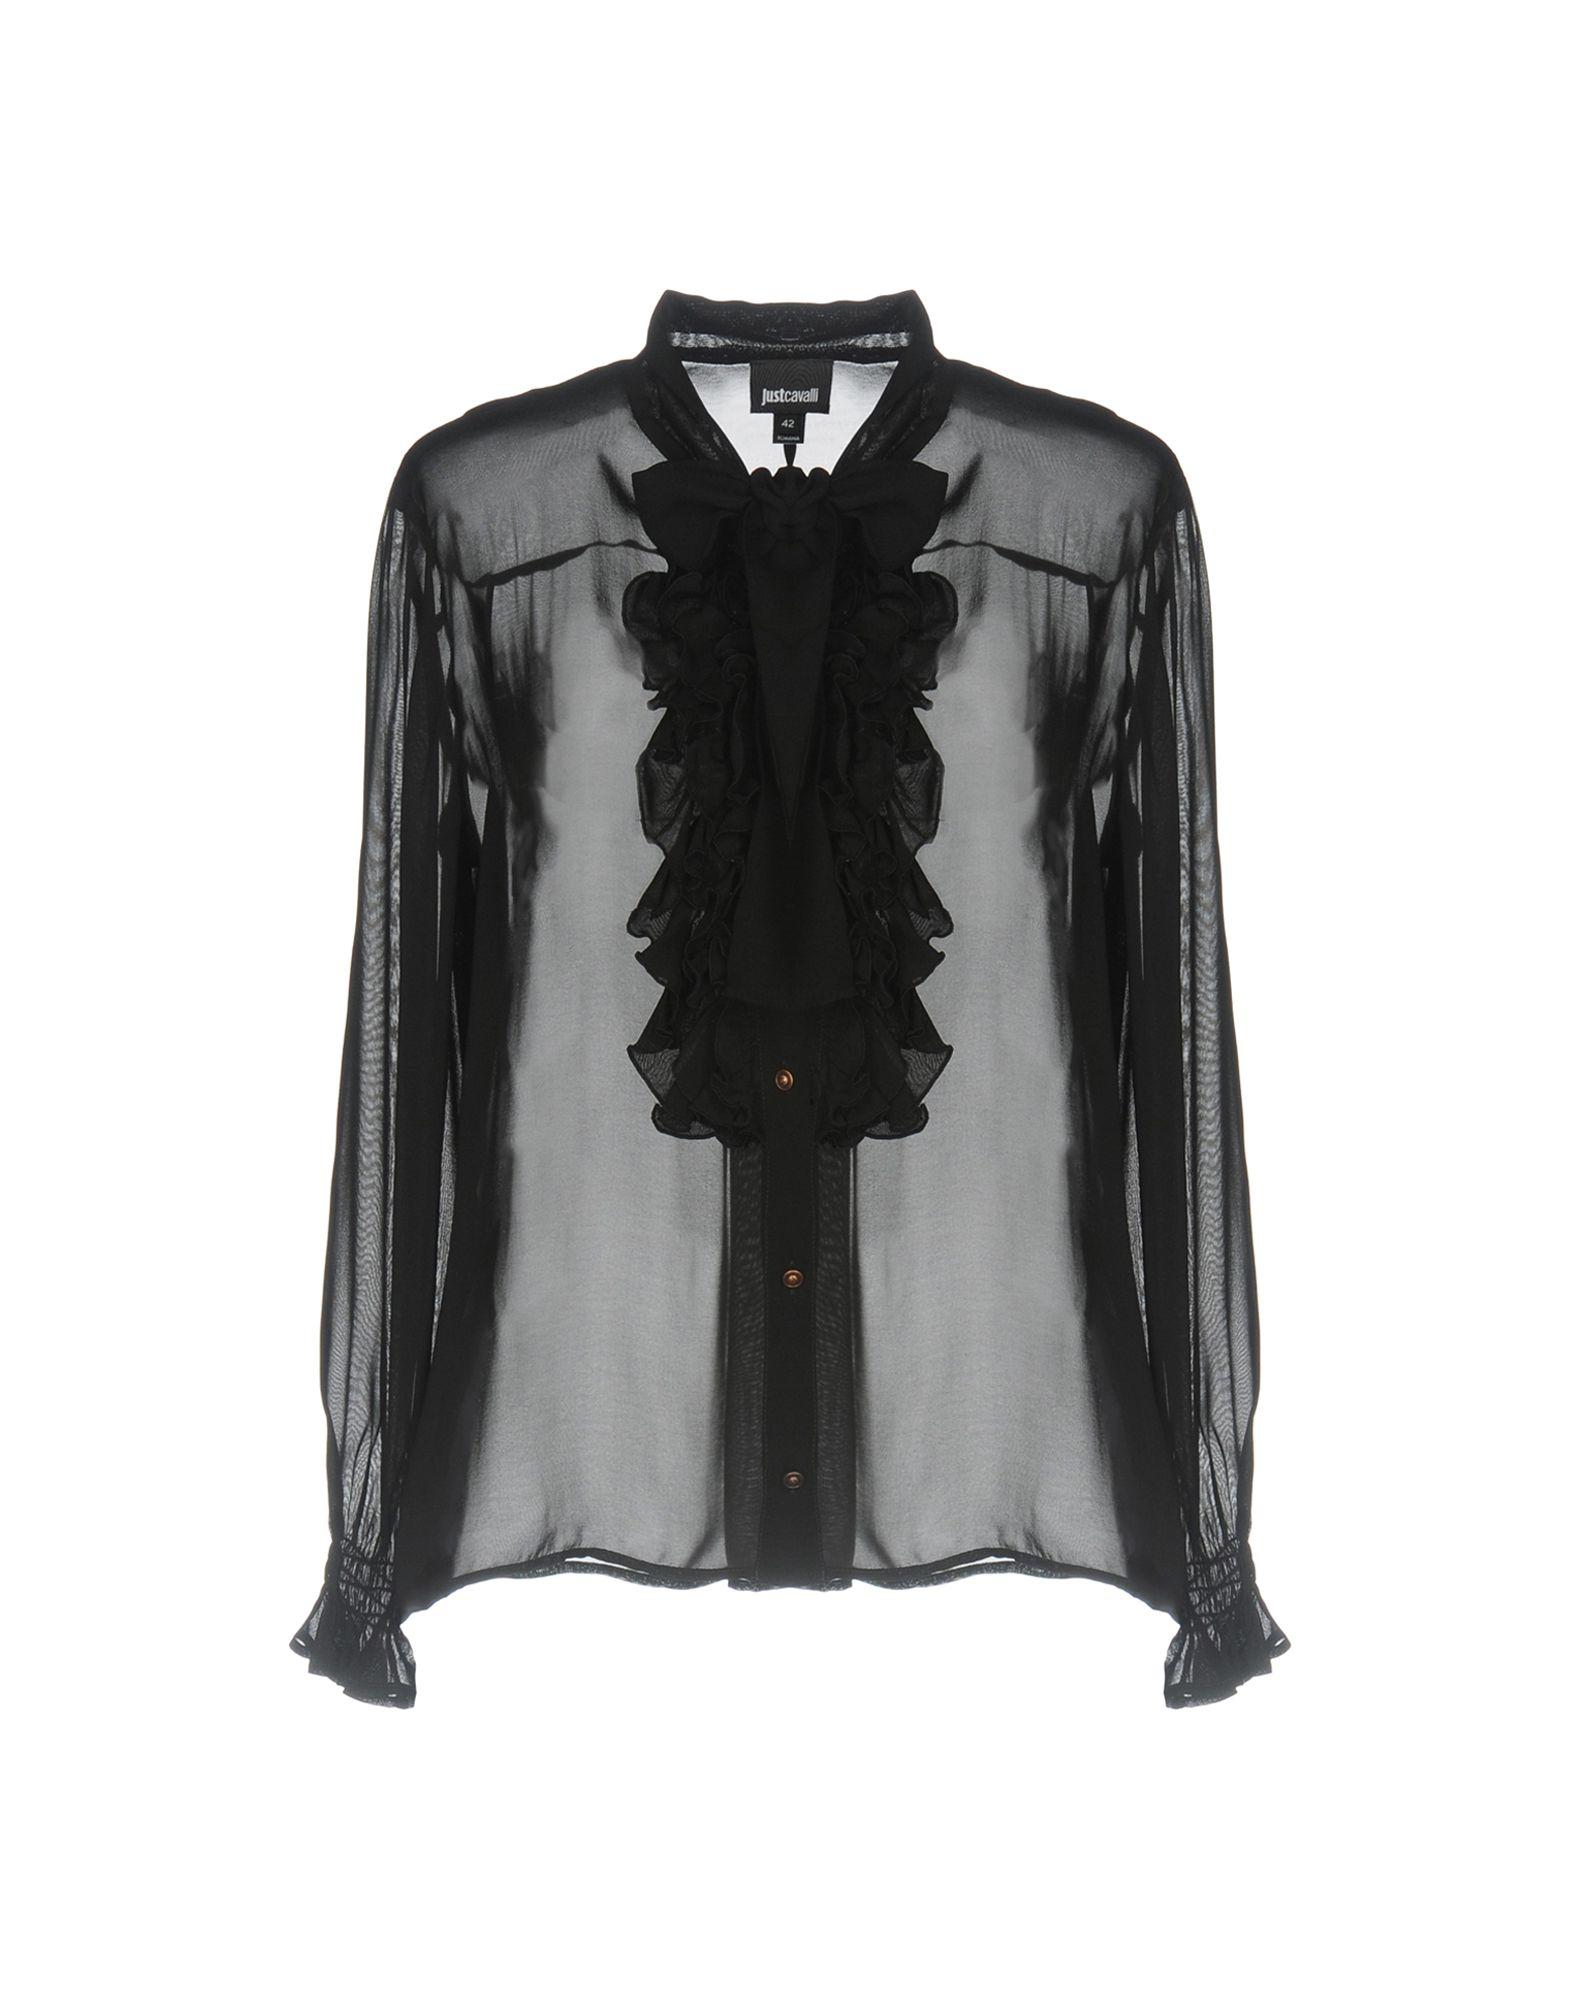 JUST CAVALLI Damen Hemd Farbe Schwarz Größe 5 - broschei